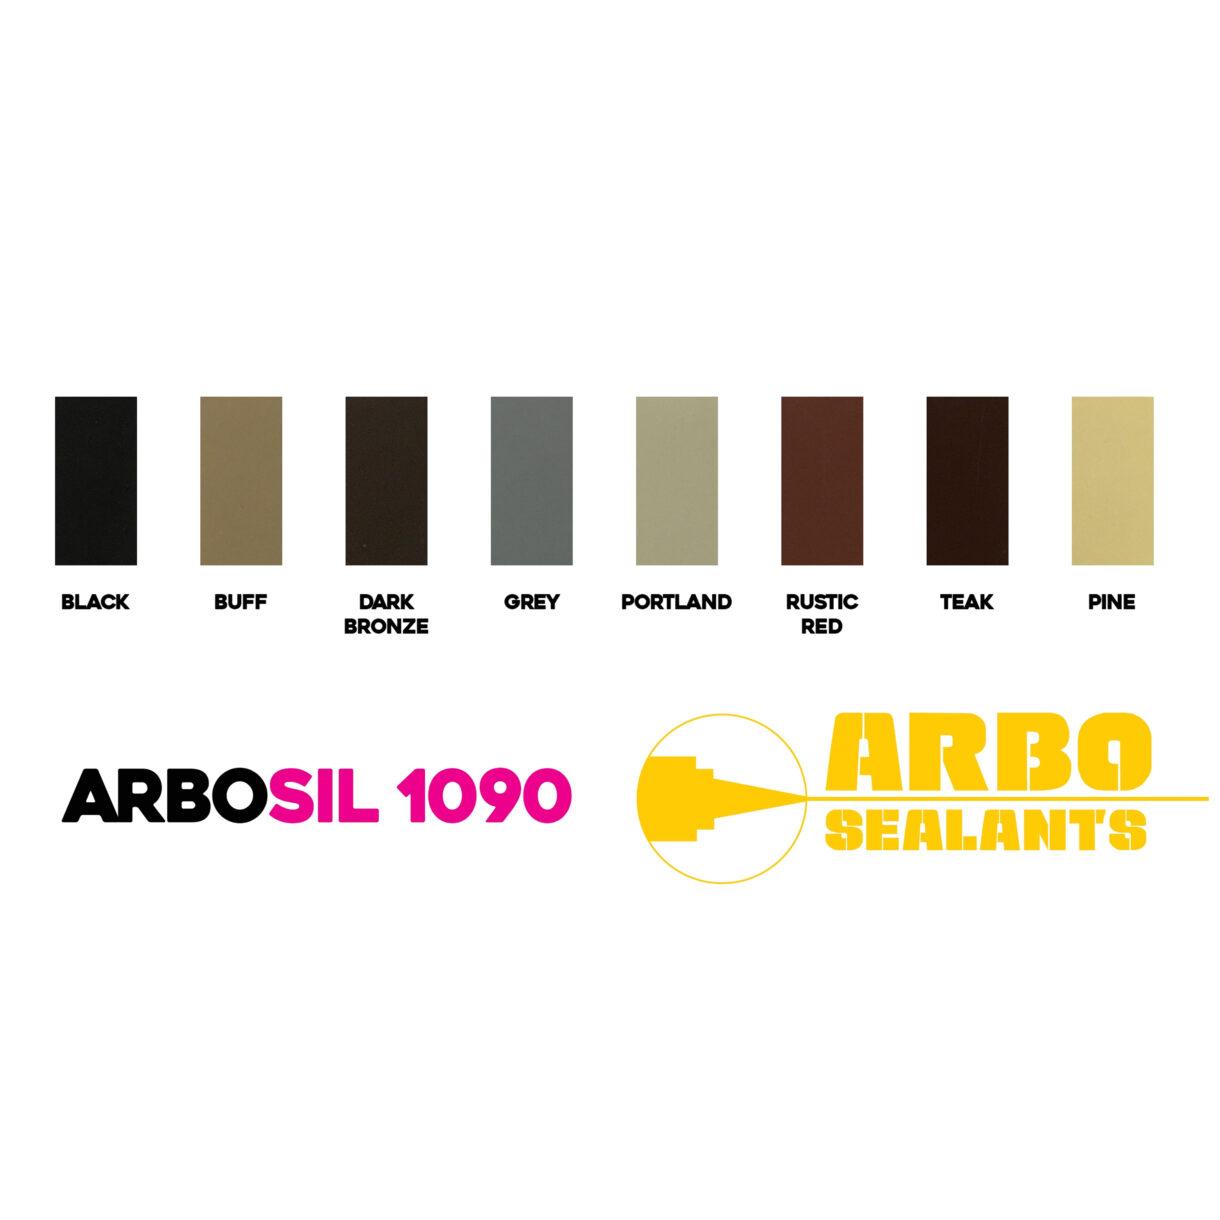 ARBOSIL1090